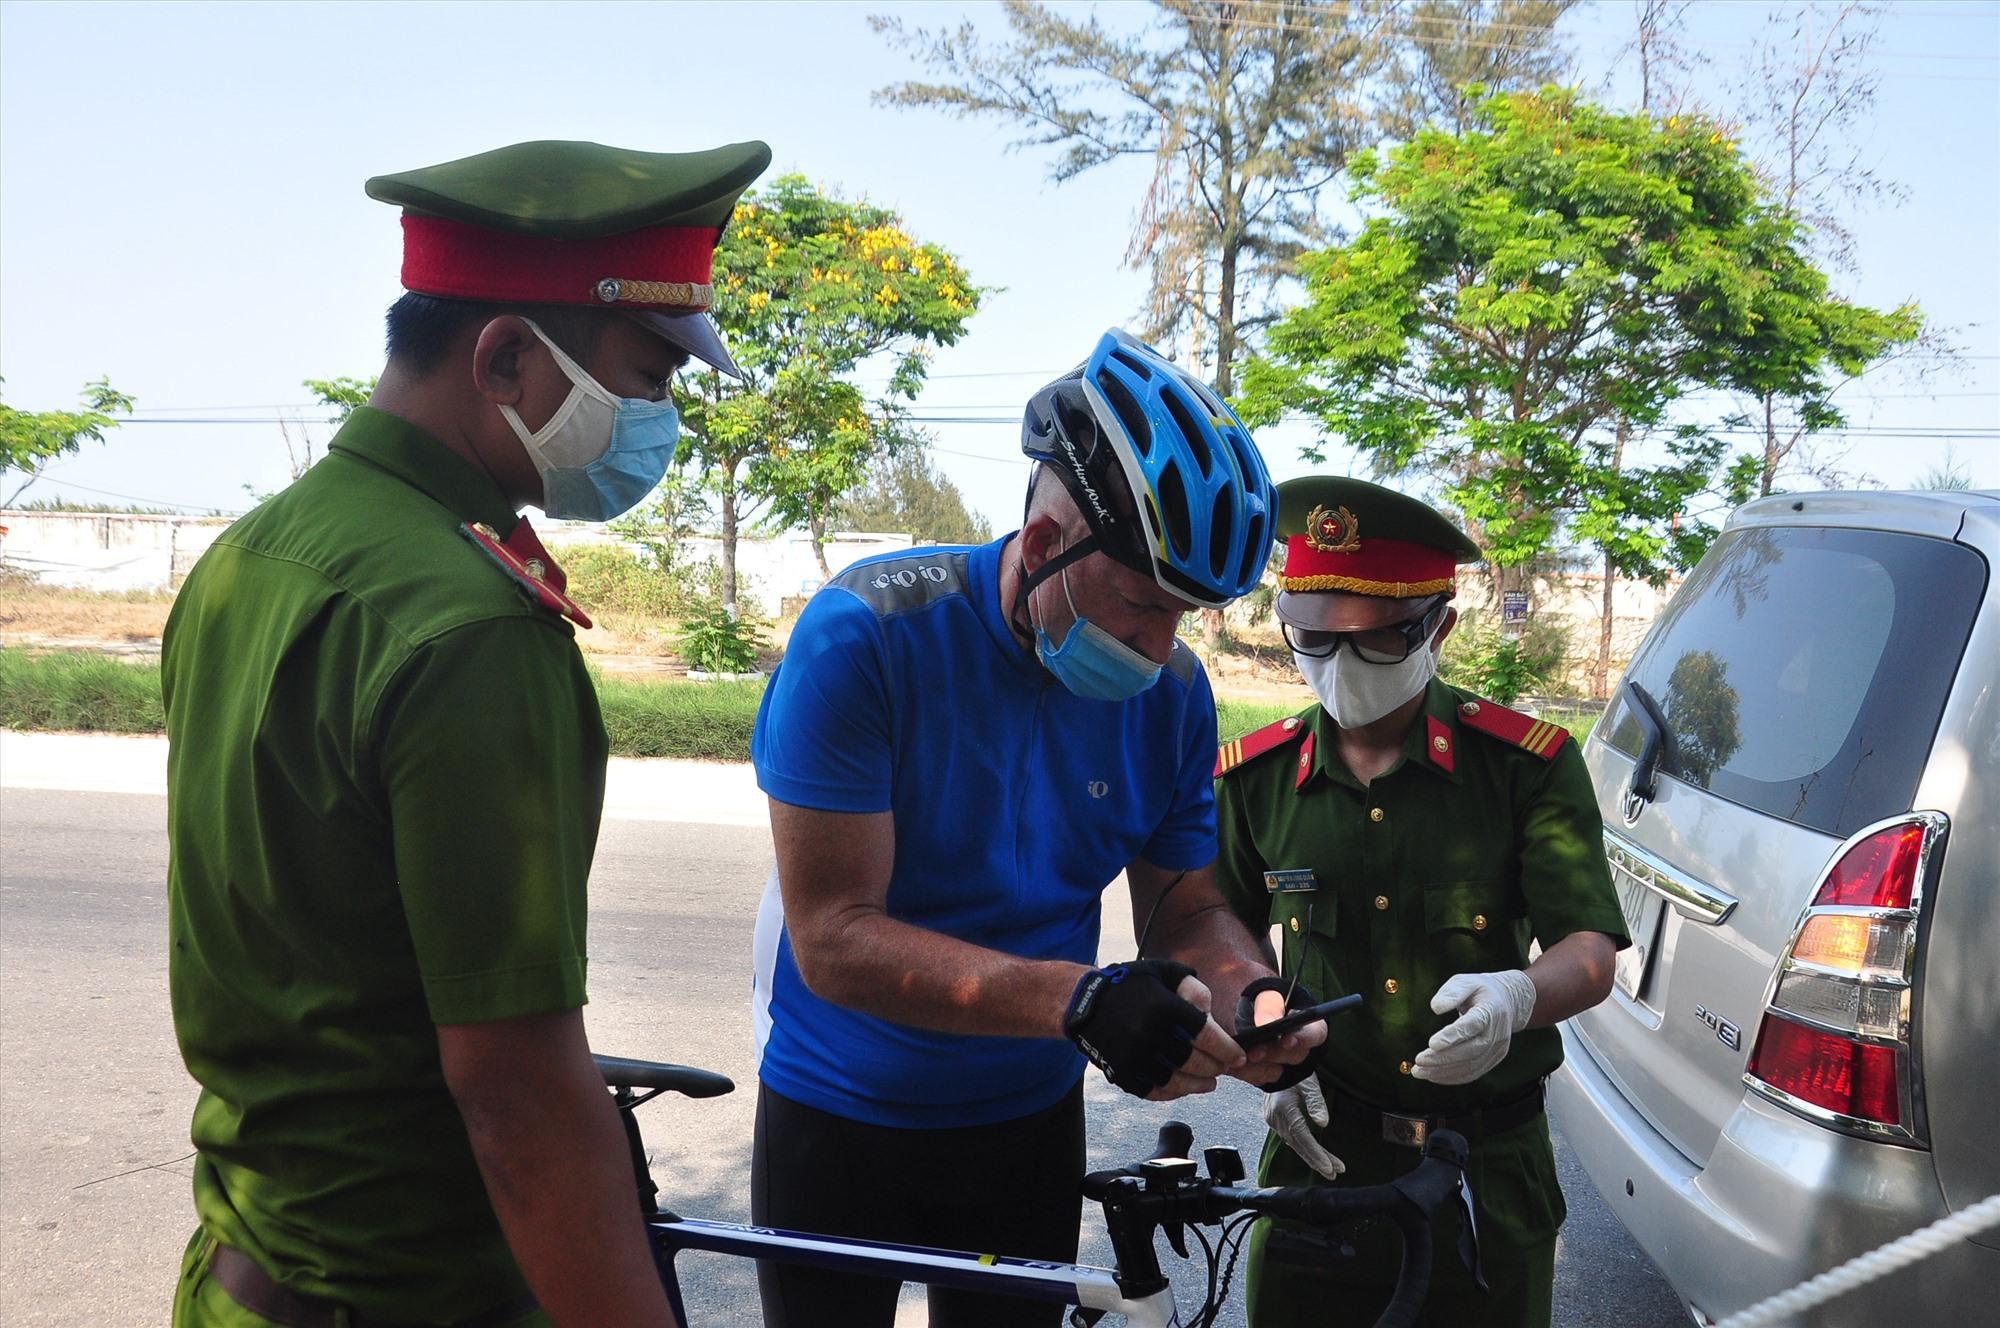 Tại chốt kiểm soát phía bắc trên đường ĐT603B, lực lượng làm nhiệm vụ đang kiểm tra một người ngoại quốc lưu thông bằng xe đạp từ hướng Đà Nẵng vào Hội An. Ảnh: V.A